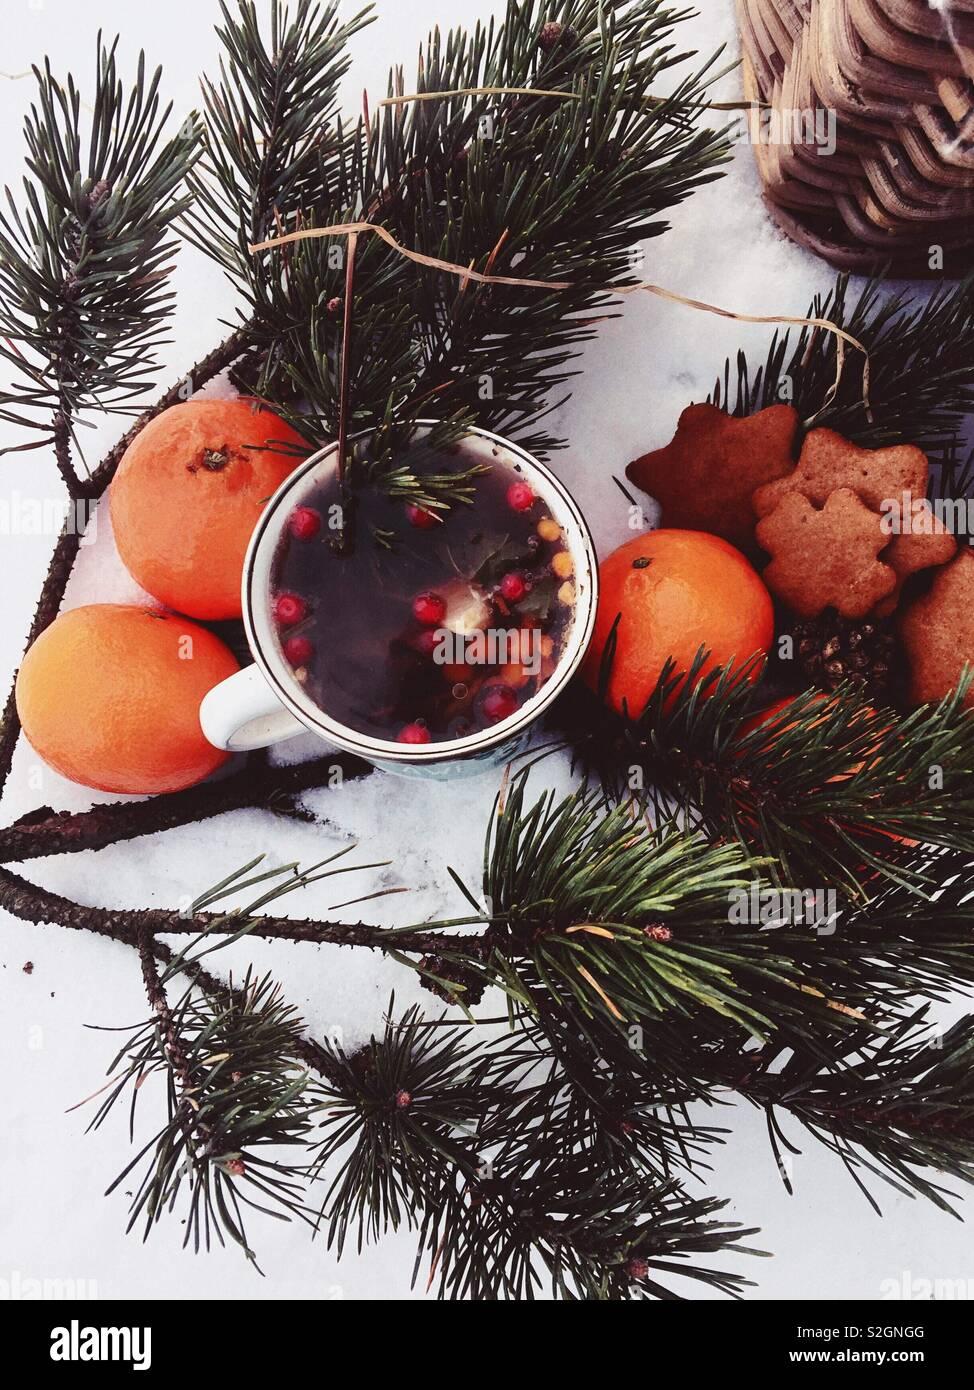 Inverno picnic con tè aromatici, zenzero pane e clementine Foto Stock